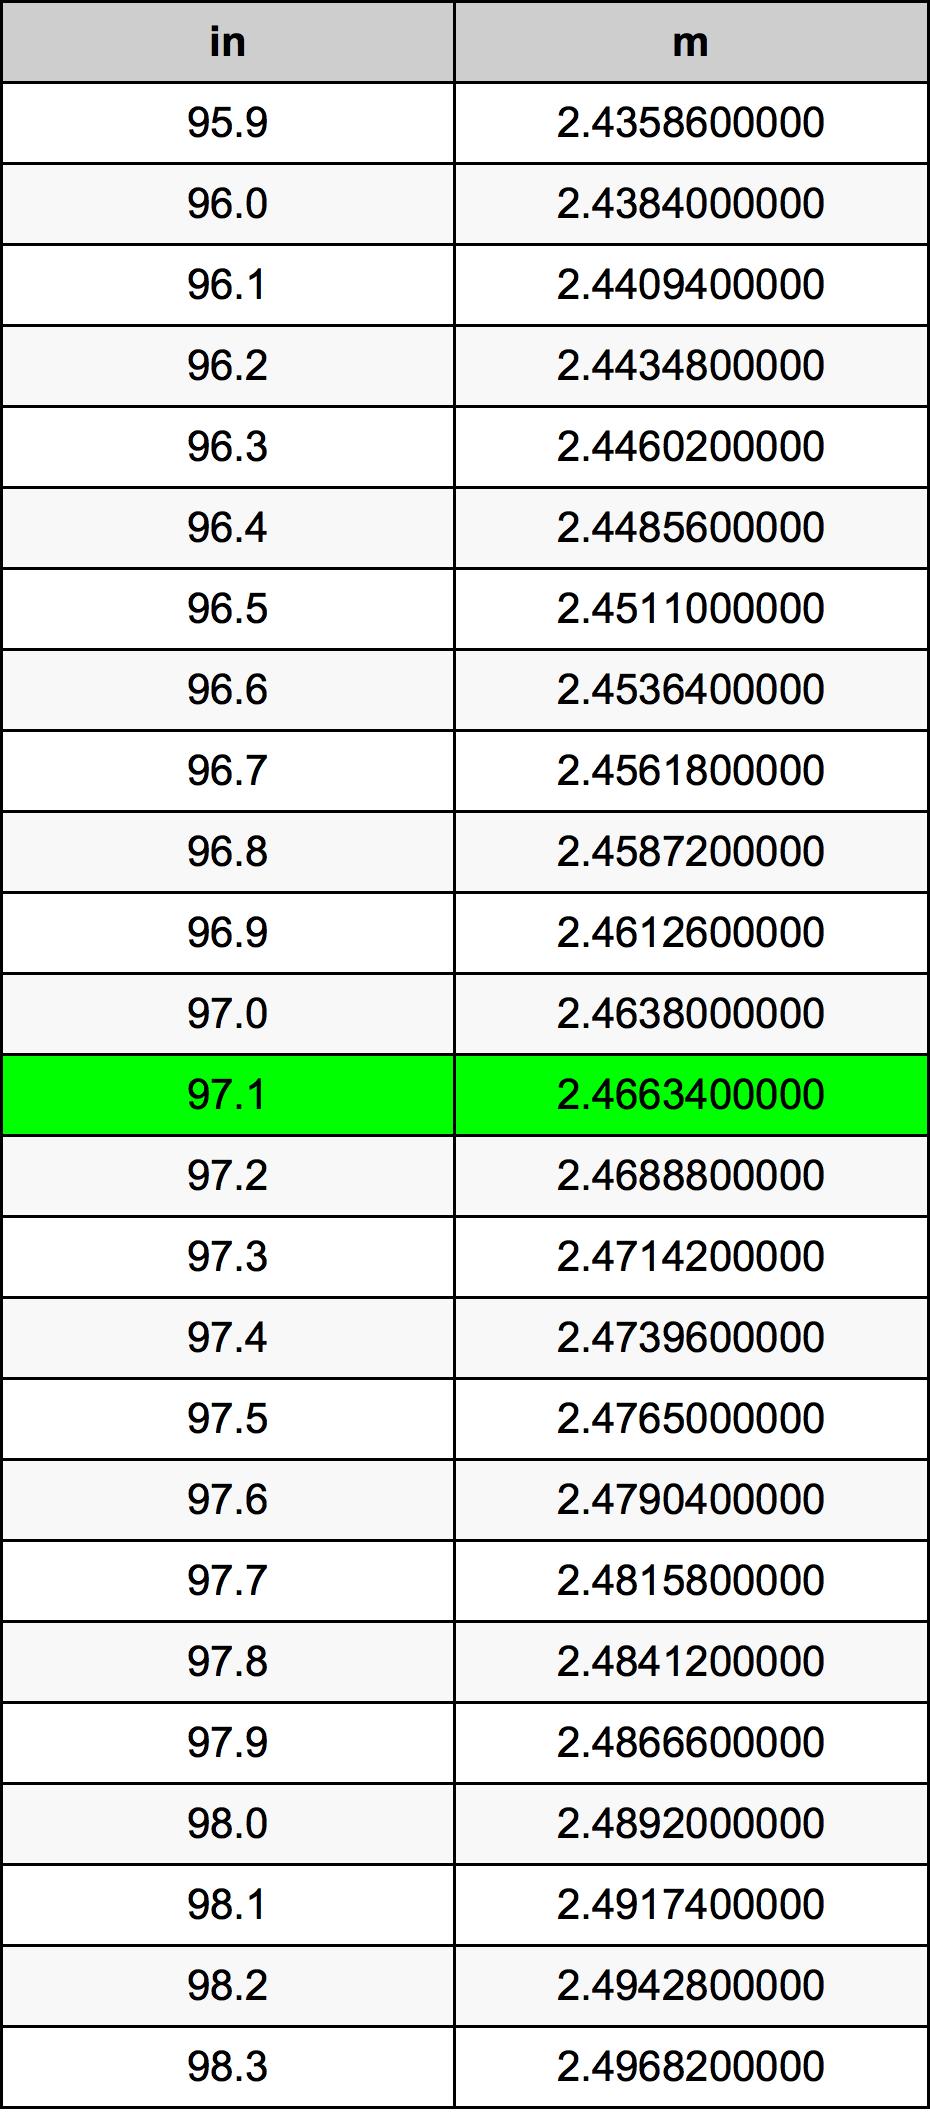 97.1 Colis konversijos lentelę